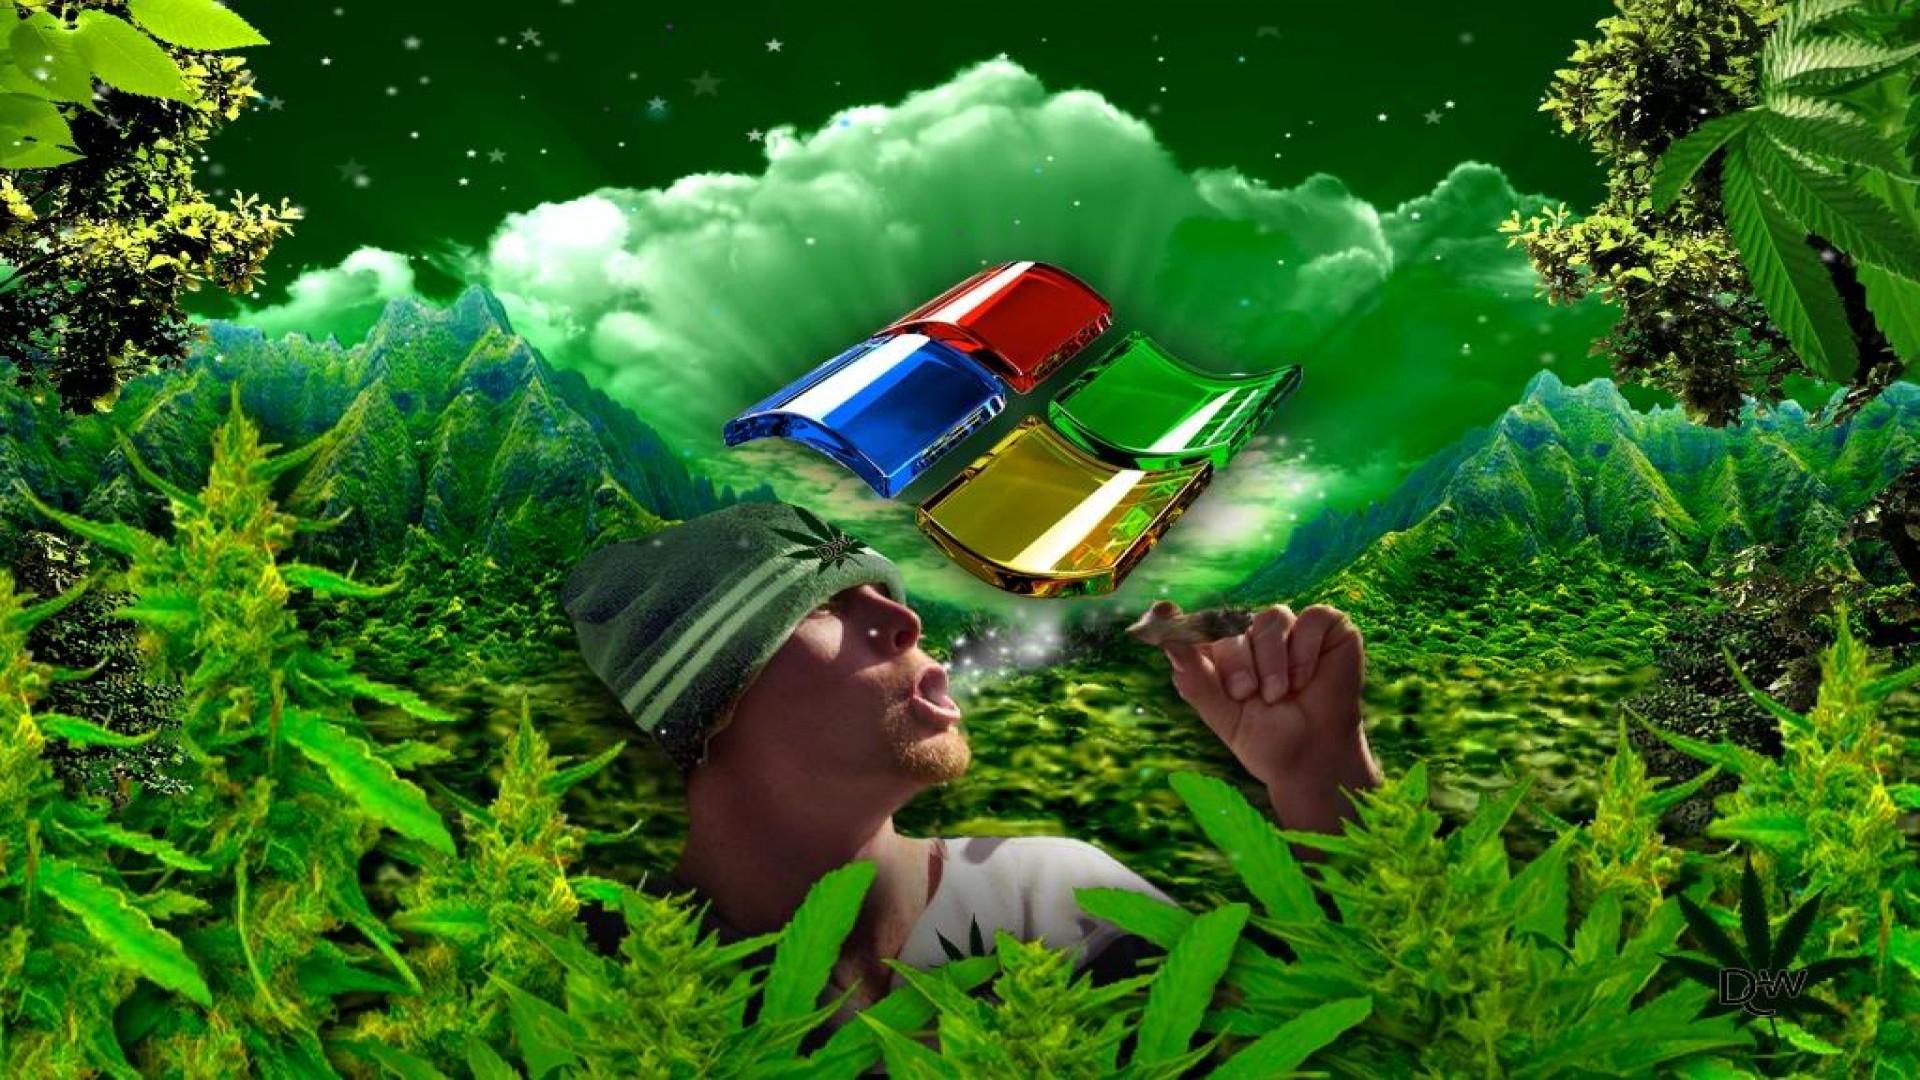 Конопля картинки скачать для рабочего стола как выращивать марихуана